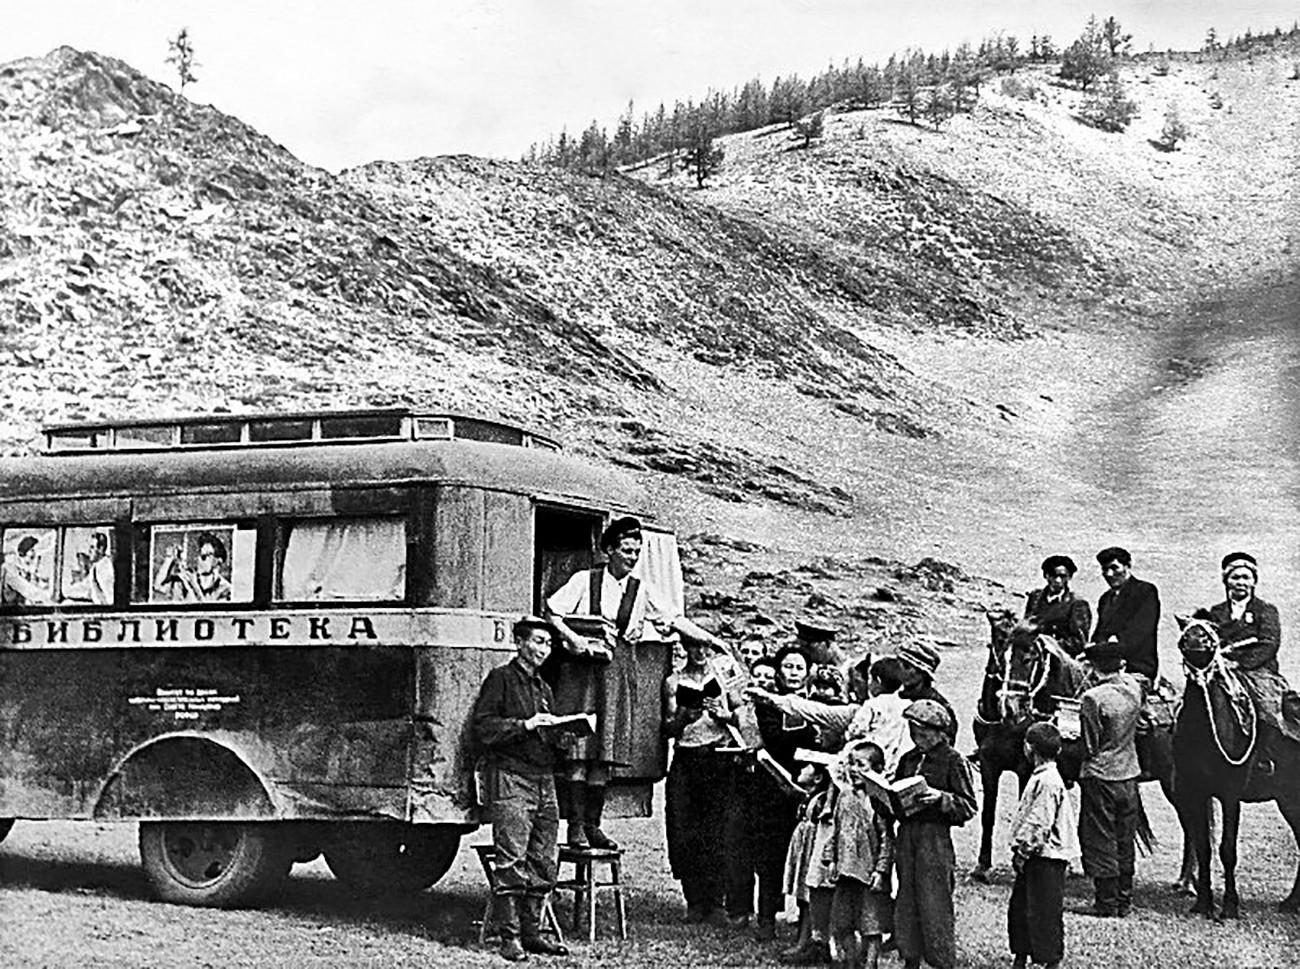 """Покретна библиотека у колхозу """"Дјани Дјол"""", Алтајски крај, 1937-1939"""